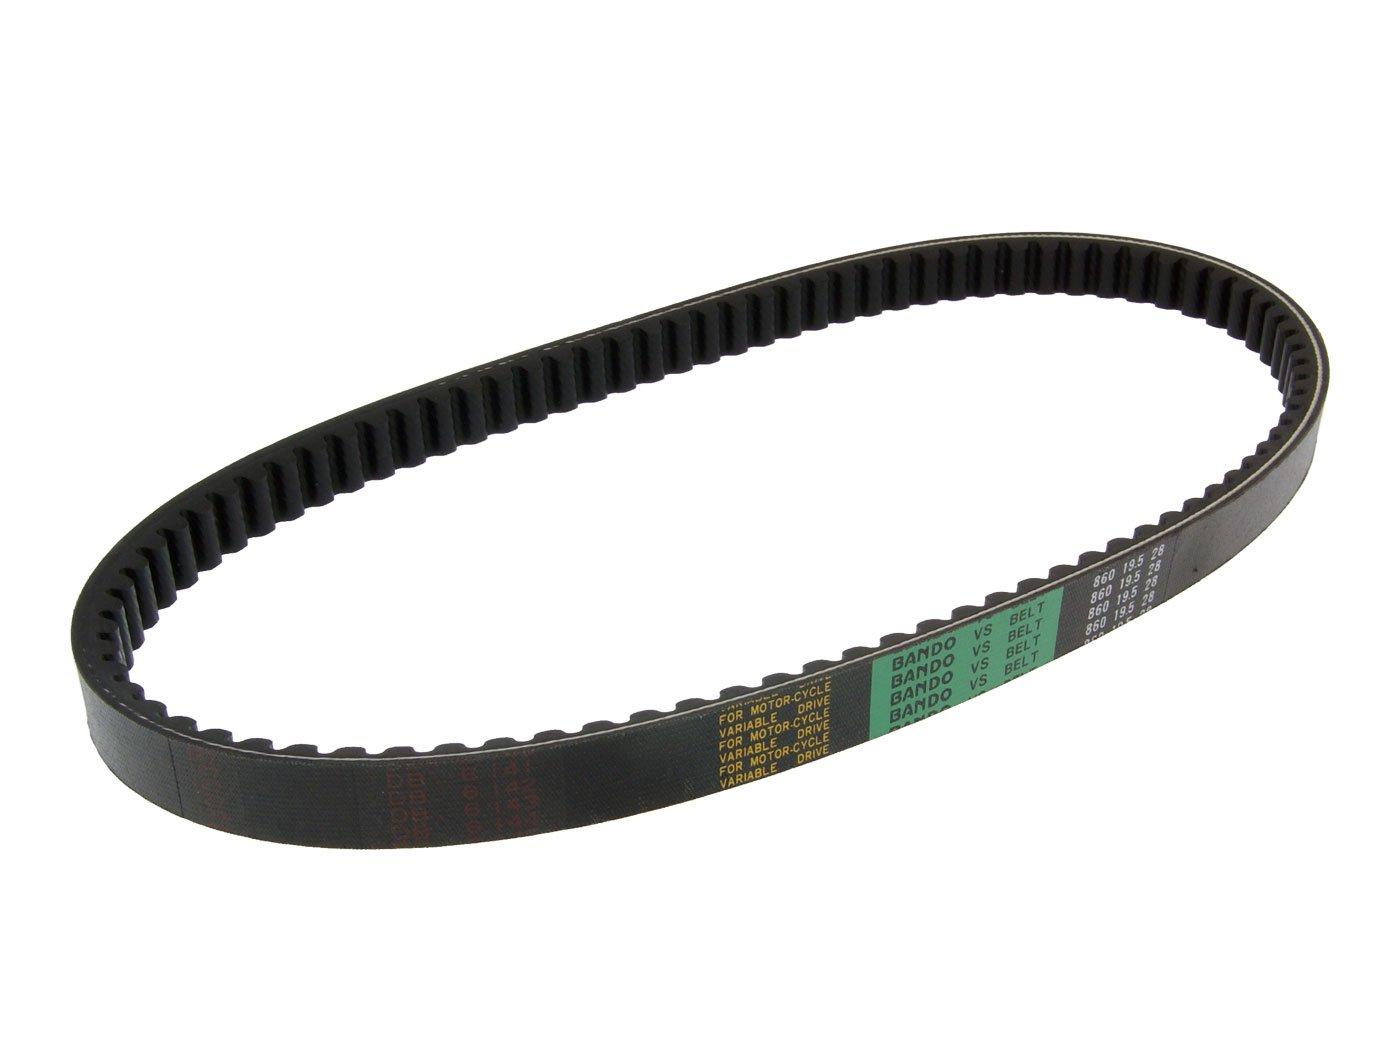 drive belt Bando V/S for Tweet, SYM Symphony 125, 150